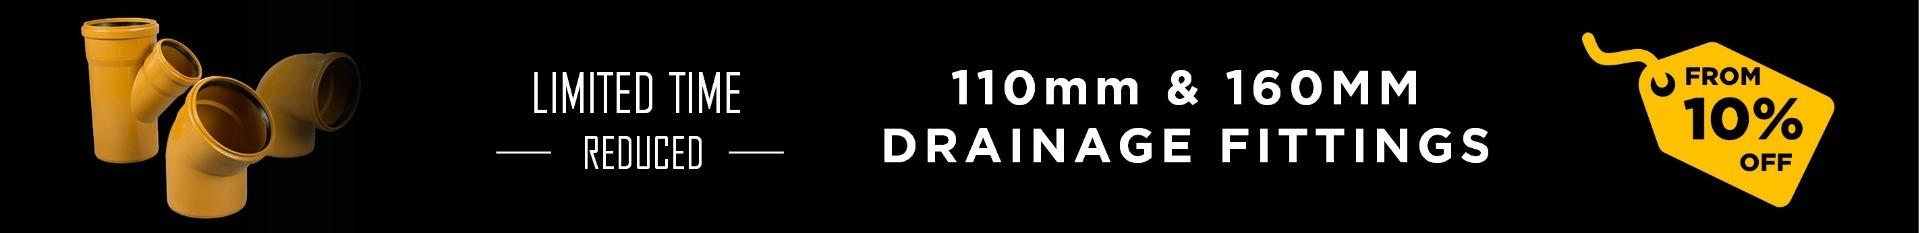 110mm 160mm Promotion Banner